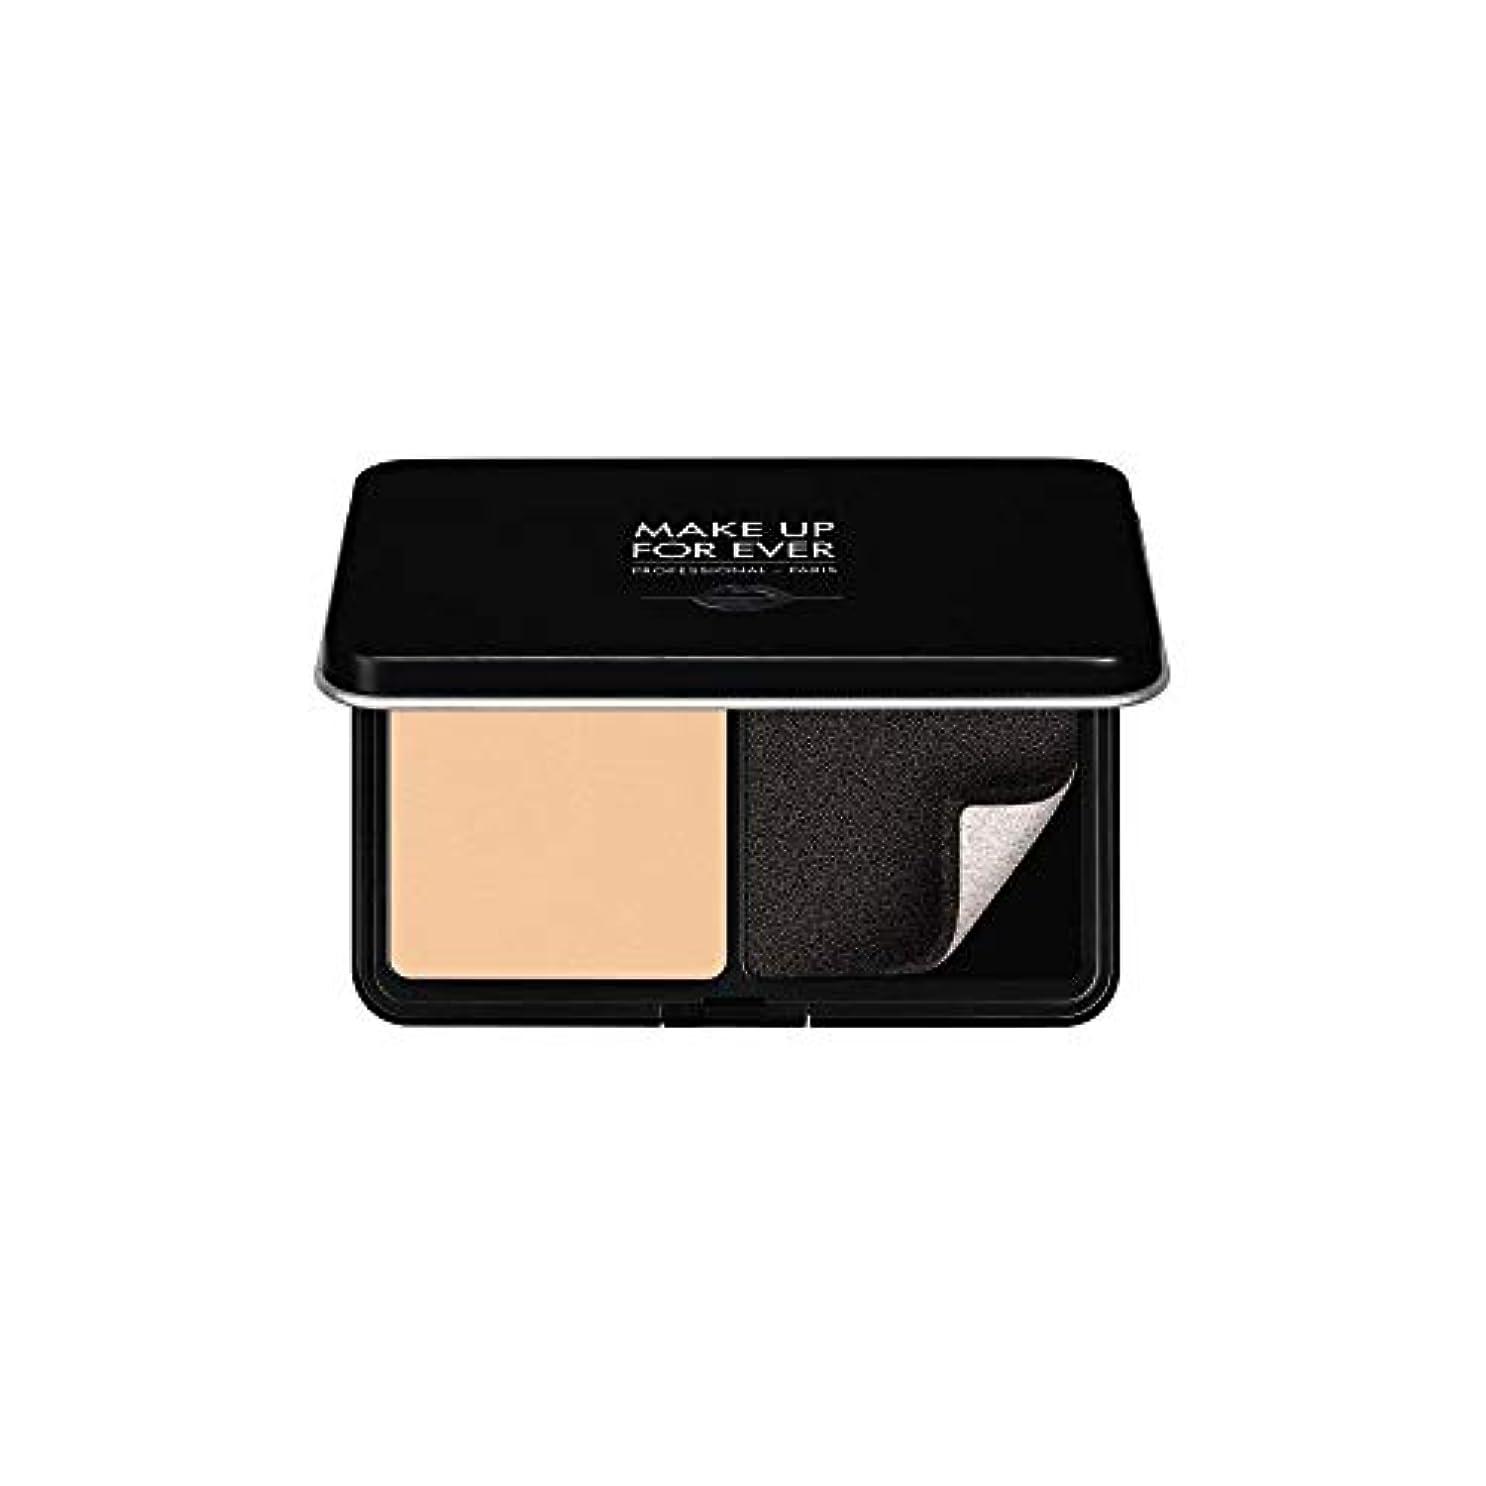 申込みカップサイトラインメイクアップフォーエバー Matte Velvet Skin Blurring Powder Foundation - # Y215 (Yellow Alabaster) 11g/0.38oz並行輸入品